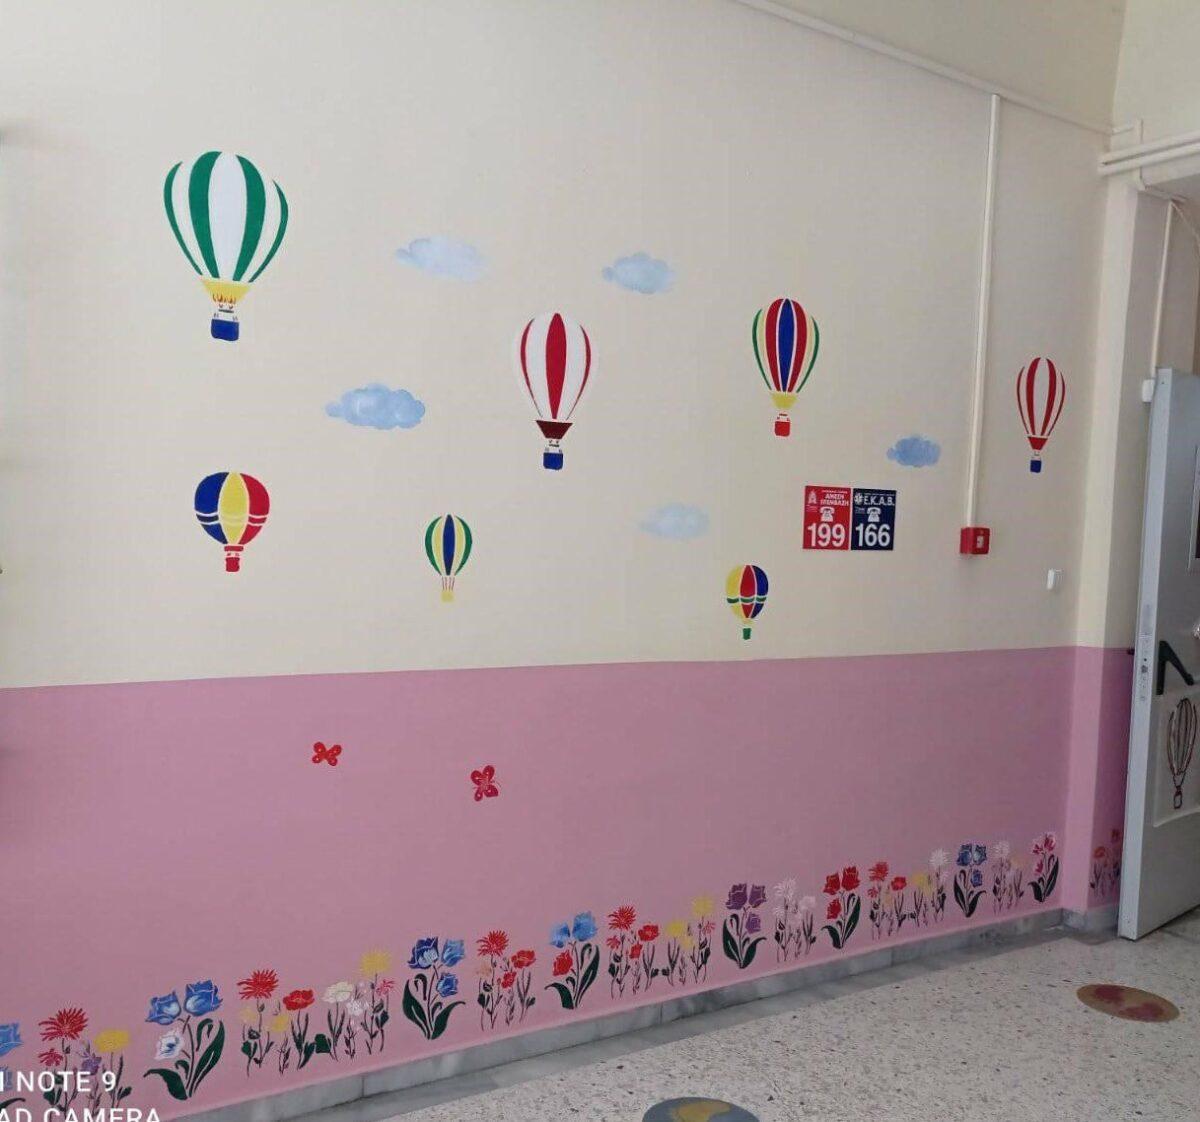 Το 123ο Δημοτικό Σχολείο Αθηνών γέμισε χρώματα και υπέροχες ζωγραφιές που φτιάχνουν την διάθεση των μαθητών